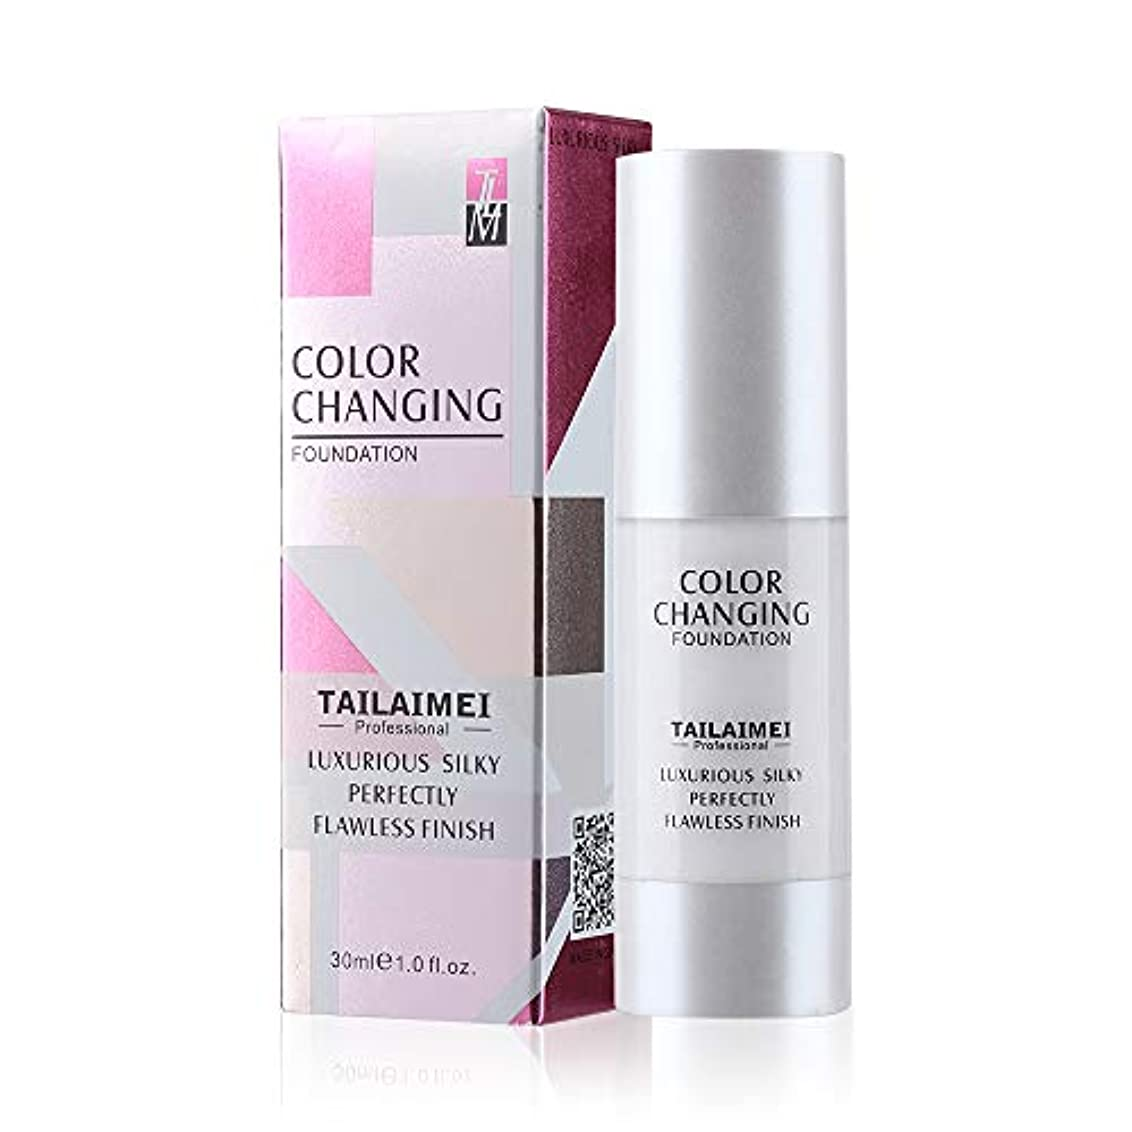 添加流用するのホストちょうど混合することによってあなたの肌のトーンにリキッドファンデーションの化粧変更を変更する30ml TLMの完璧な色